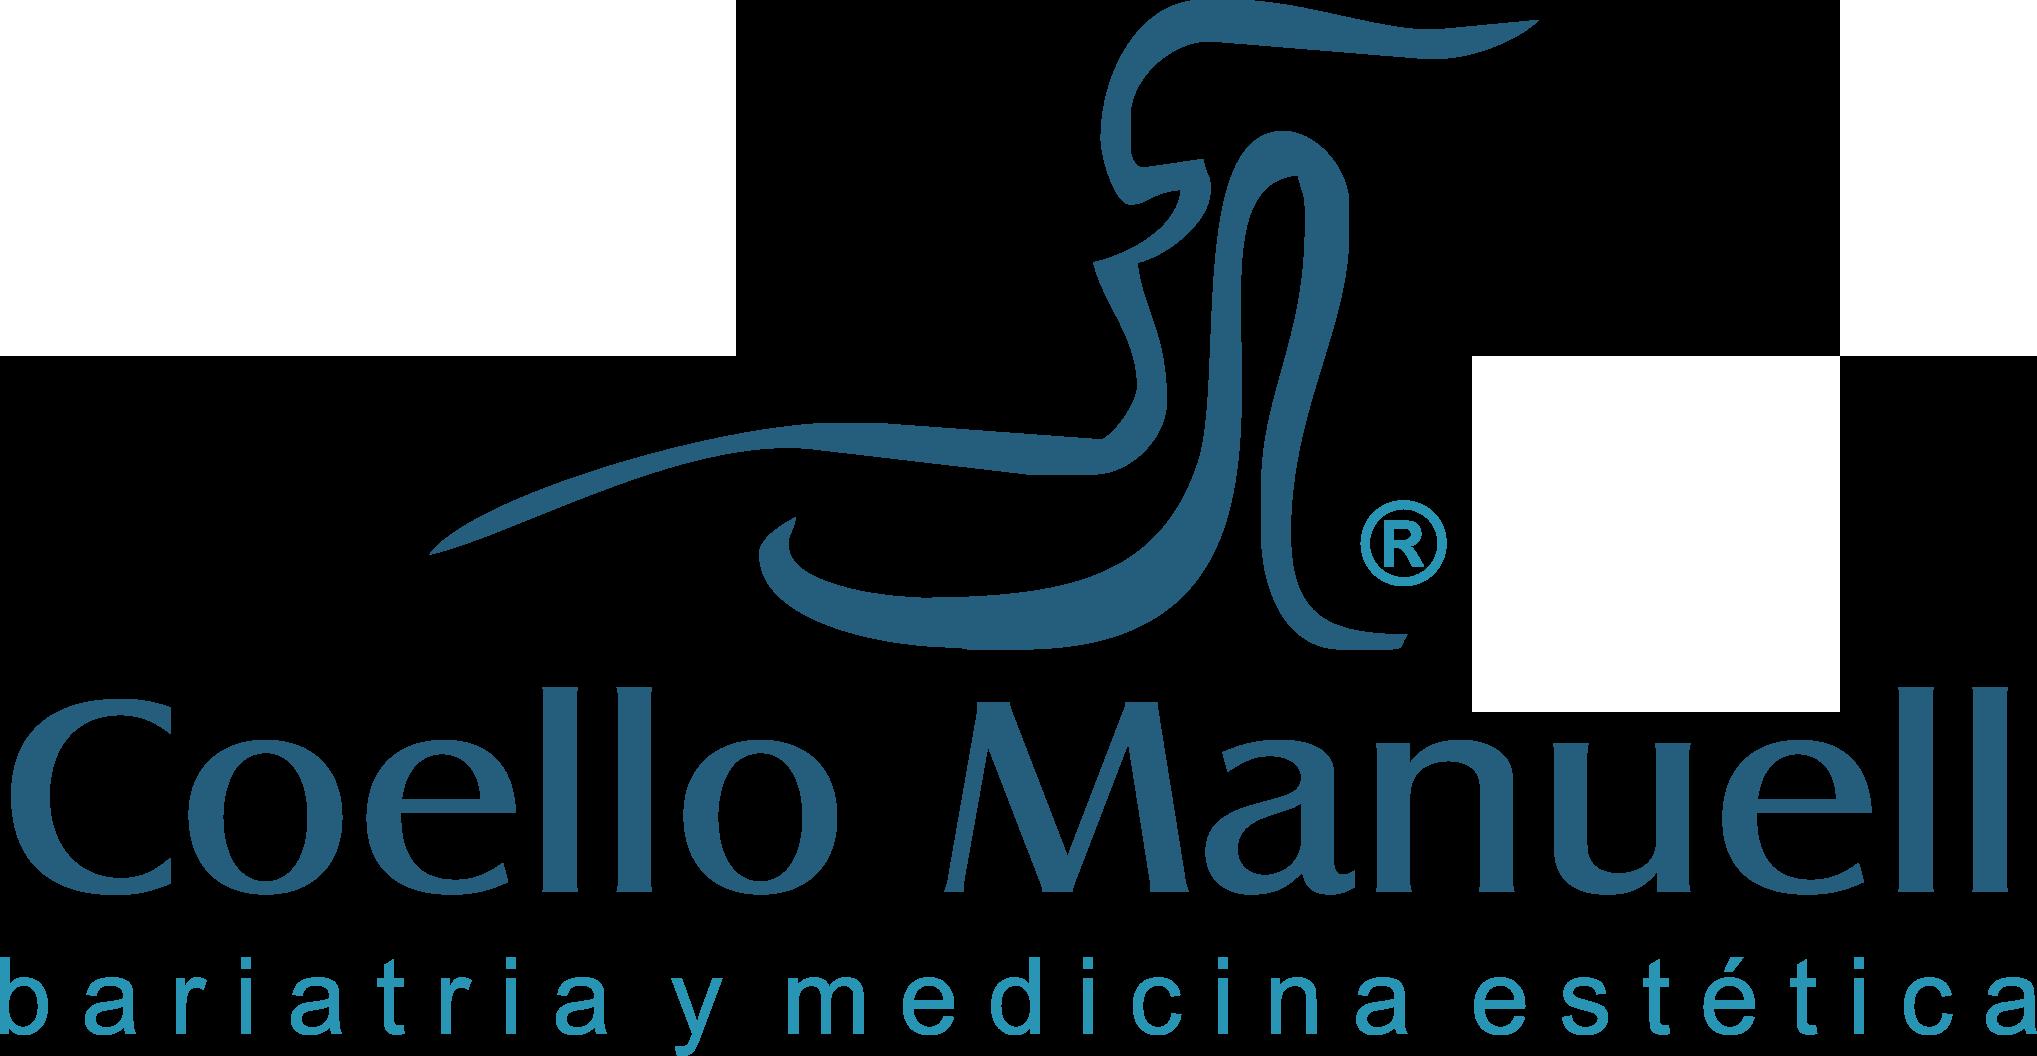 Bariatria y Medicina Estética